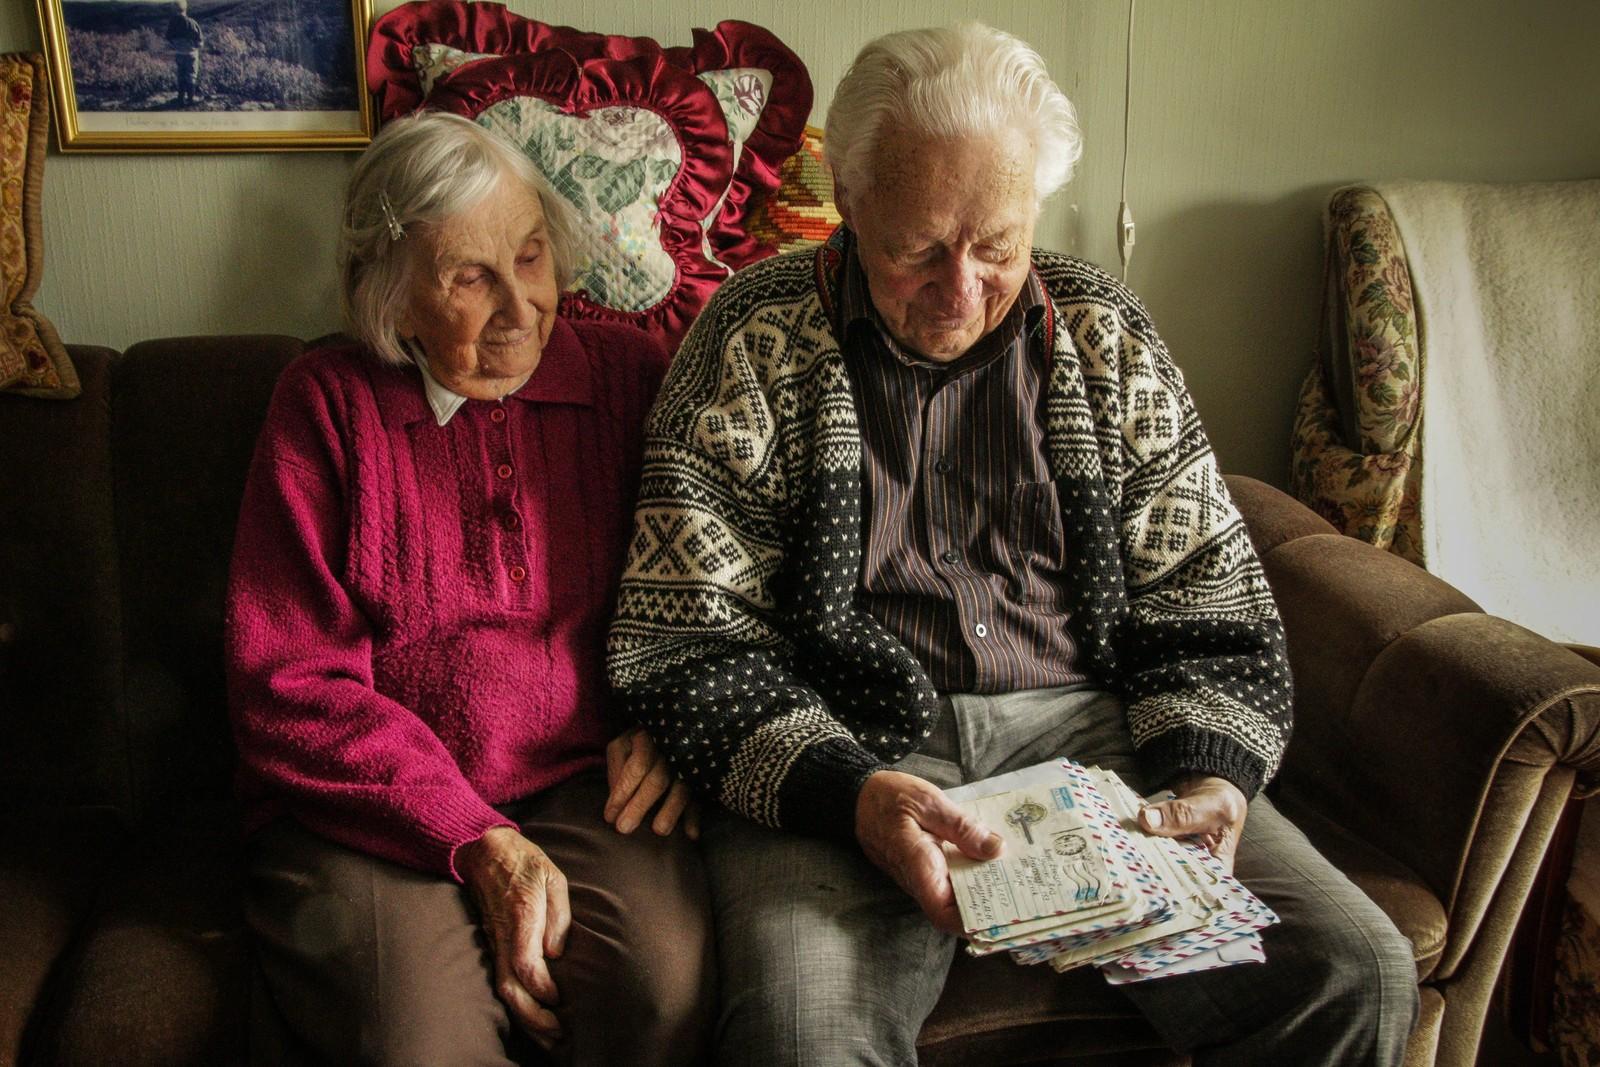 HELE LIVET: Anne Lise og Birger Evensen har vært gift i over 70 år